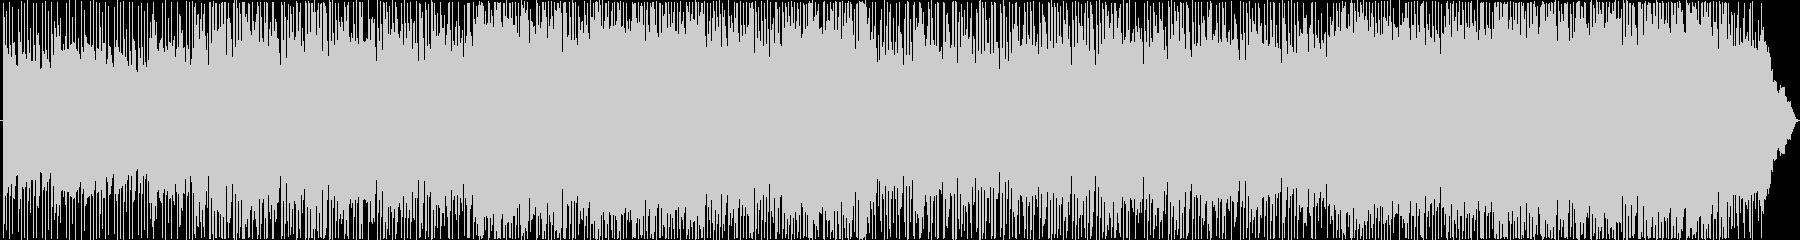 不思議な雰囲気かコミカルに変化するBGMの未再生の波形